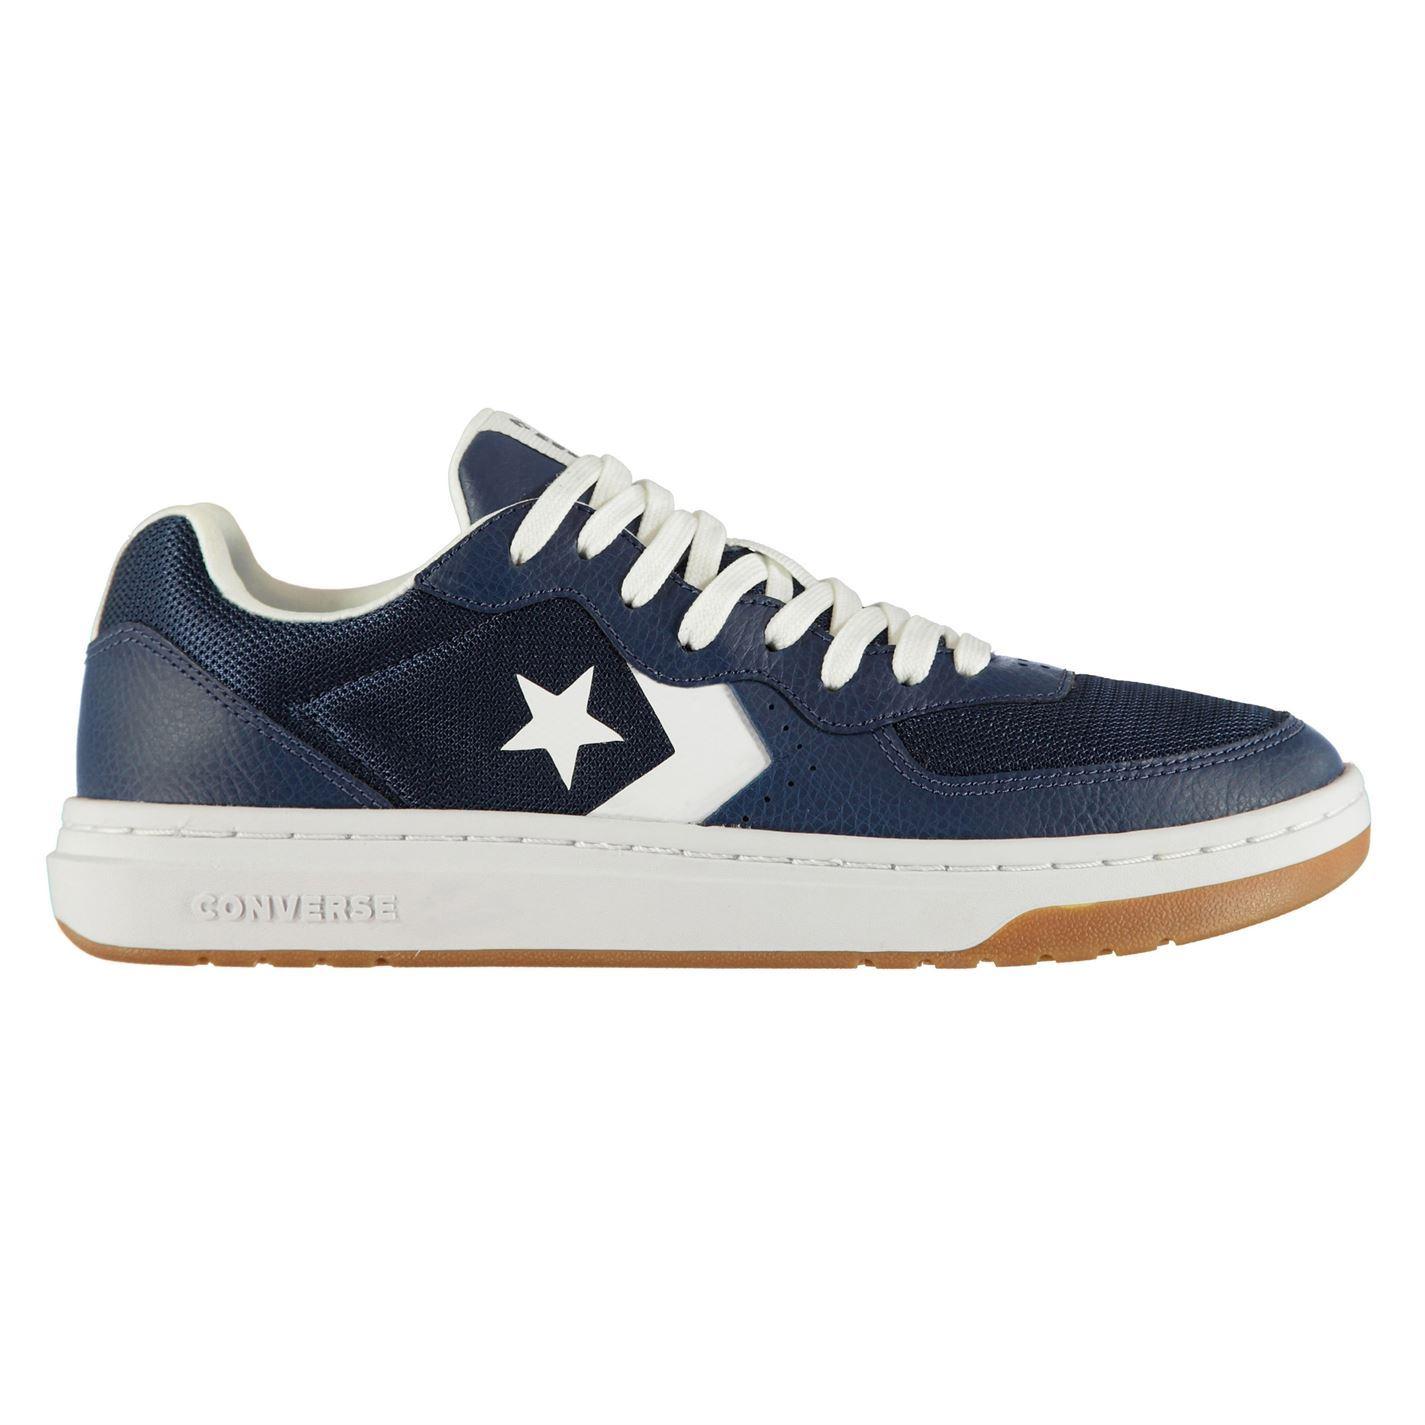 Converse-Rival-Baskets-Pour-Homme-Chaussures-De-Loisirs-Chaussures-Baskets miniature 19